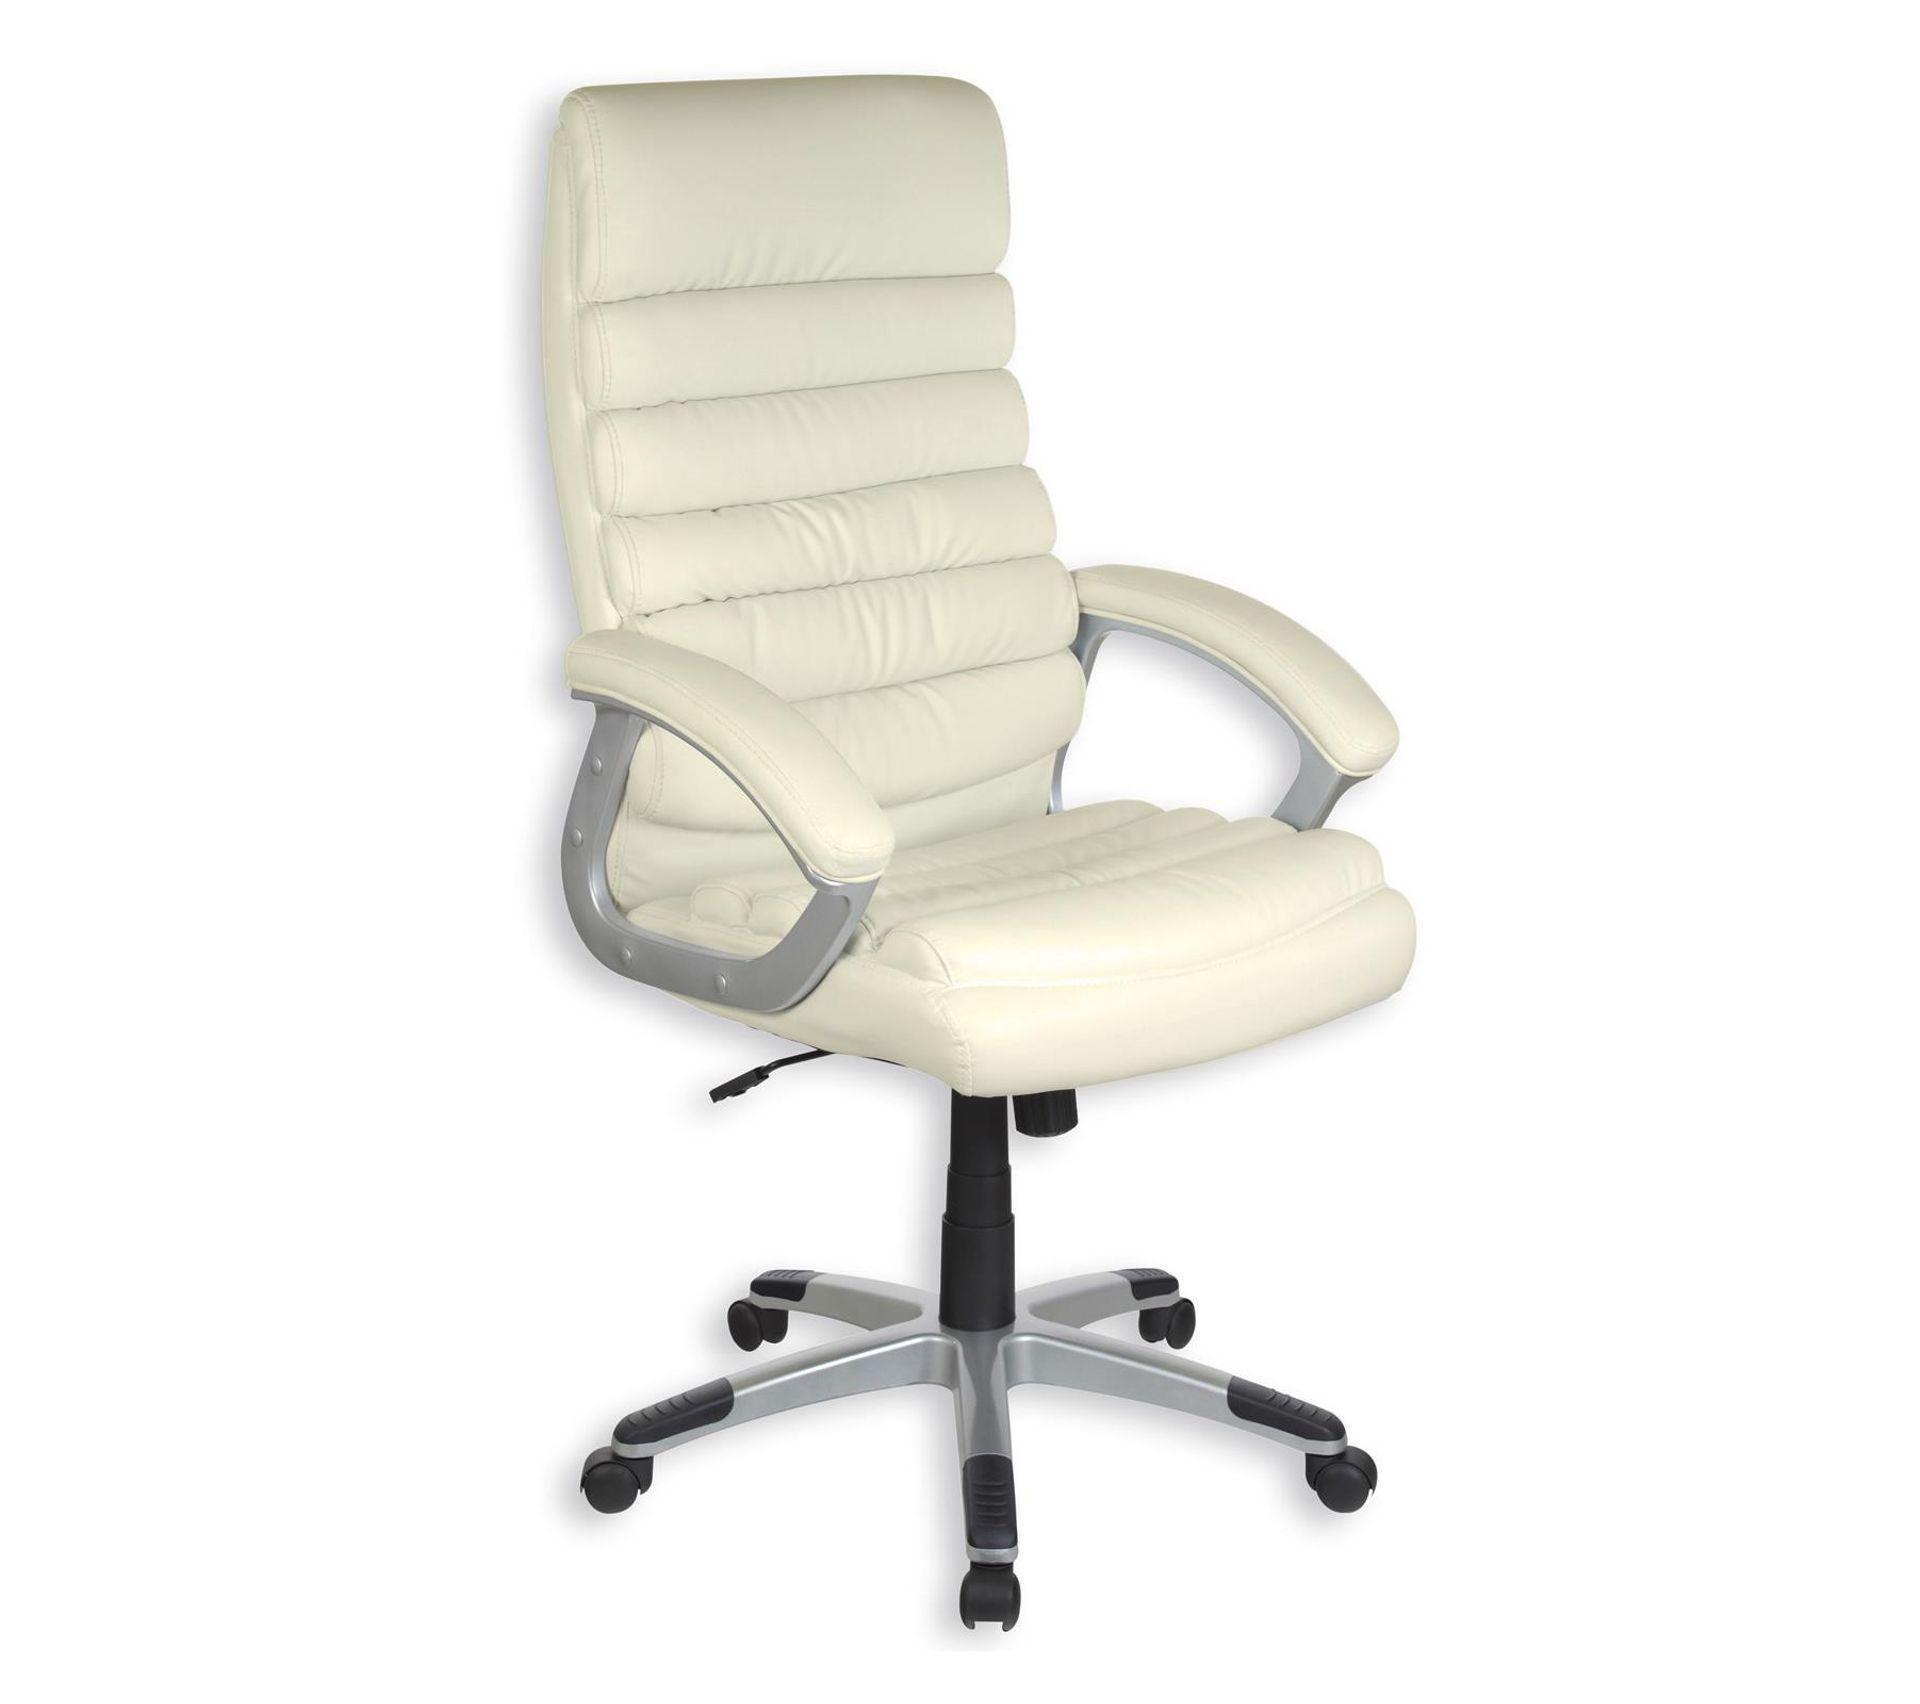 Matériel De Tapissier D Occasion fauteuil de bureau king, avec accoudoirs, en synthétique blanc